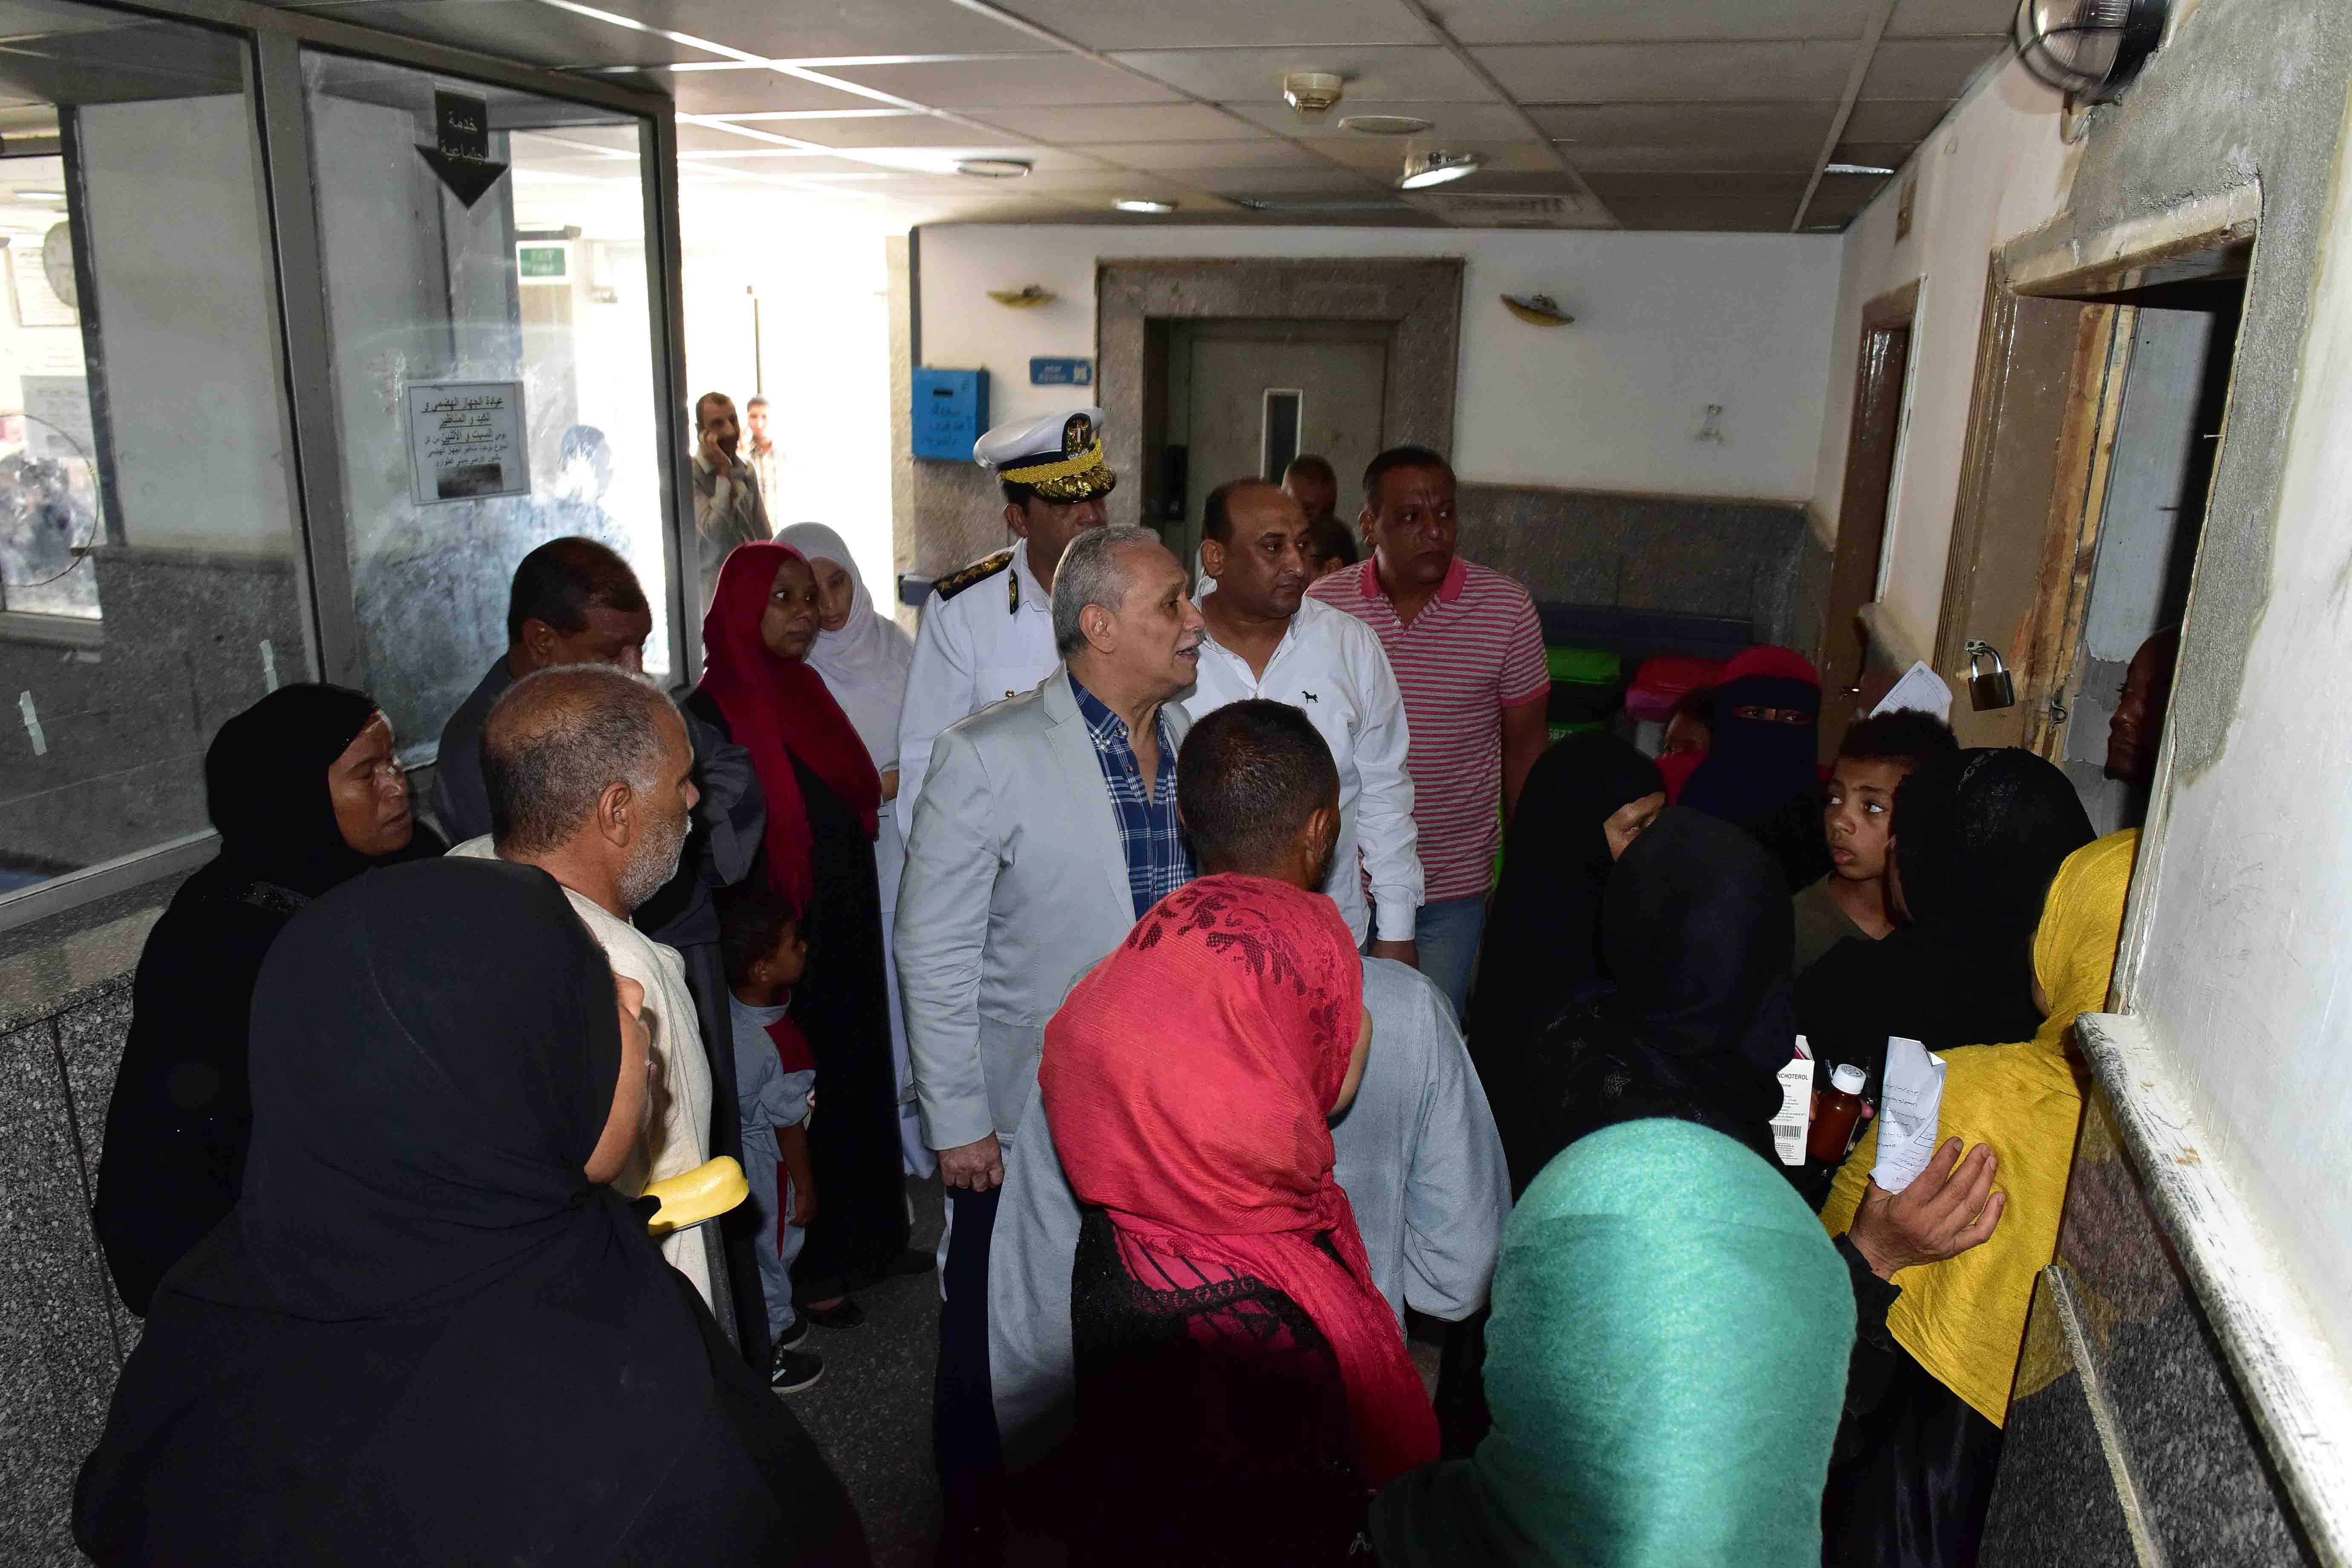 محافظ الأقصر يلتقى بالمرضى بمستشفى الأقصر العام (1)